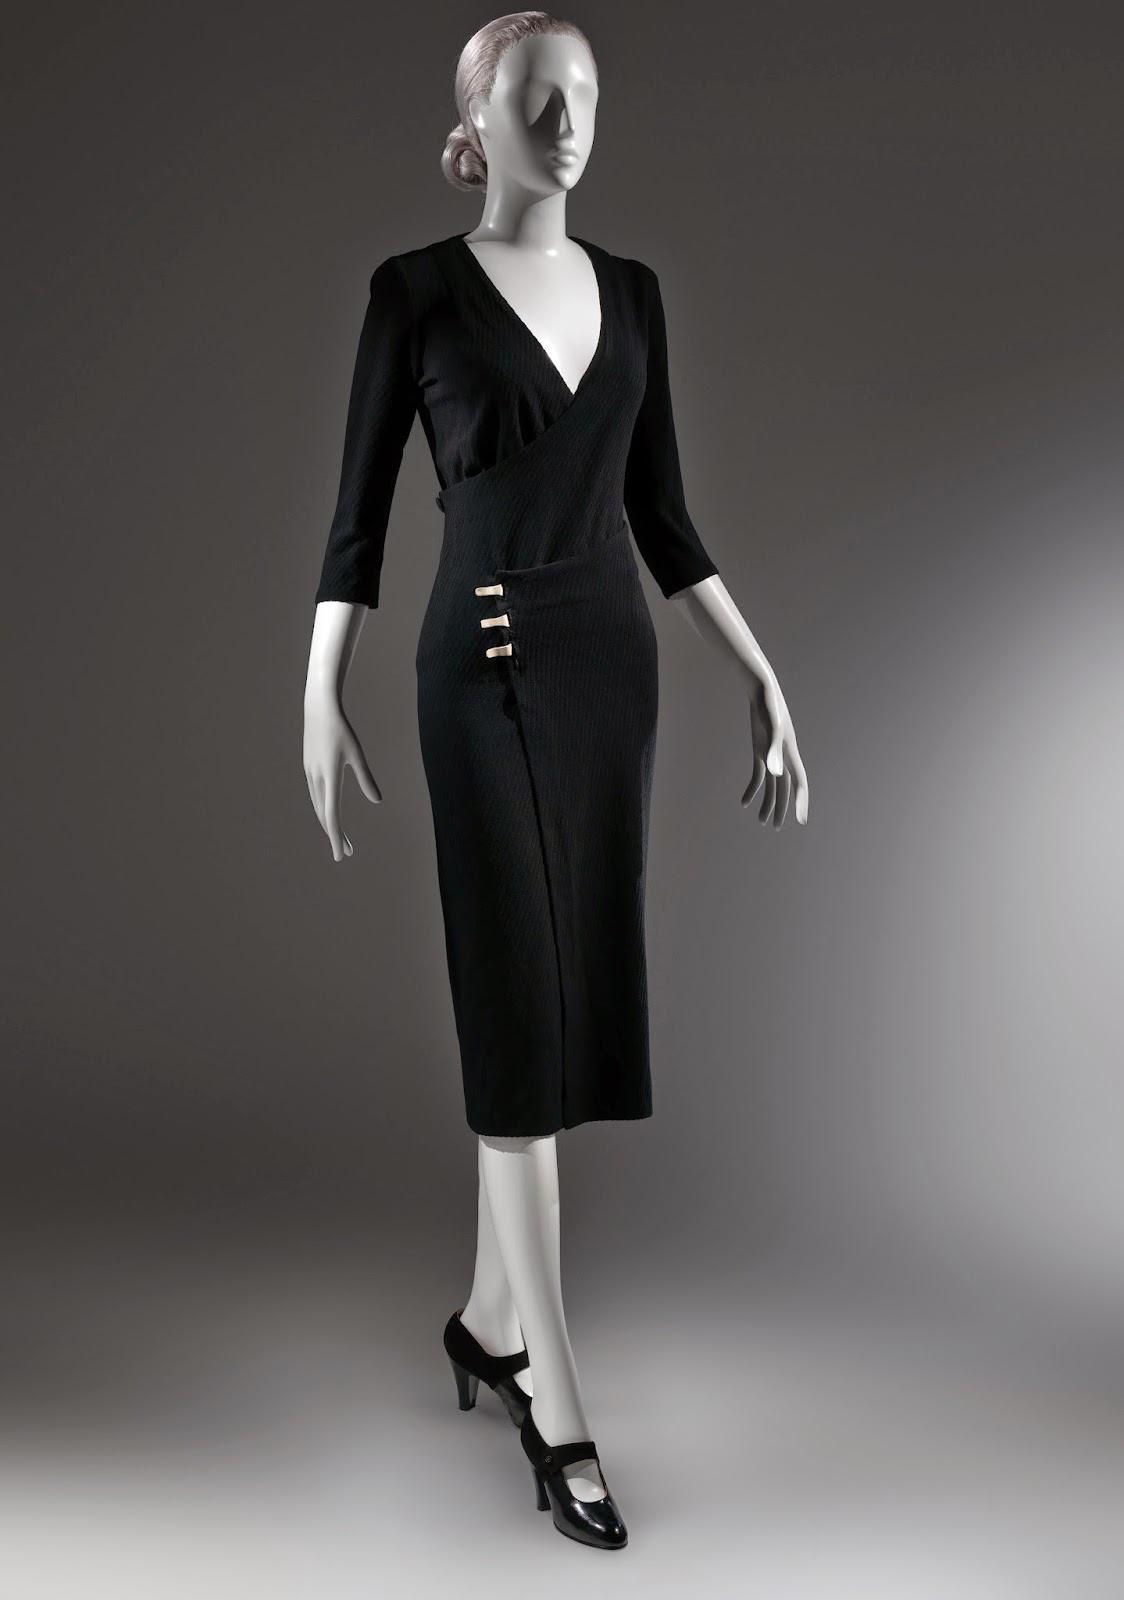 Платье Чарльза Джеймса Taxi, примерно 1932